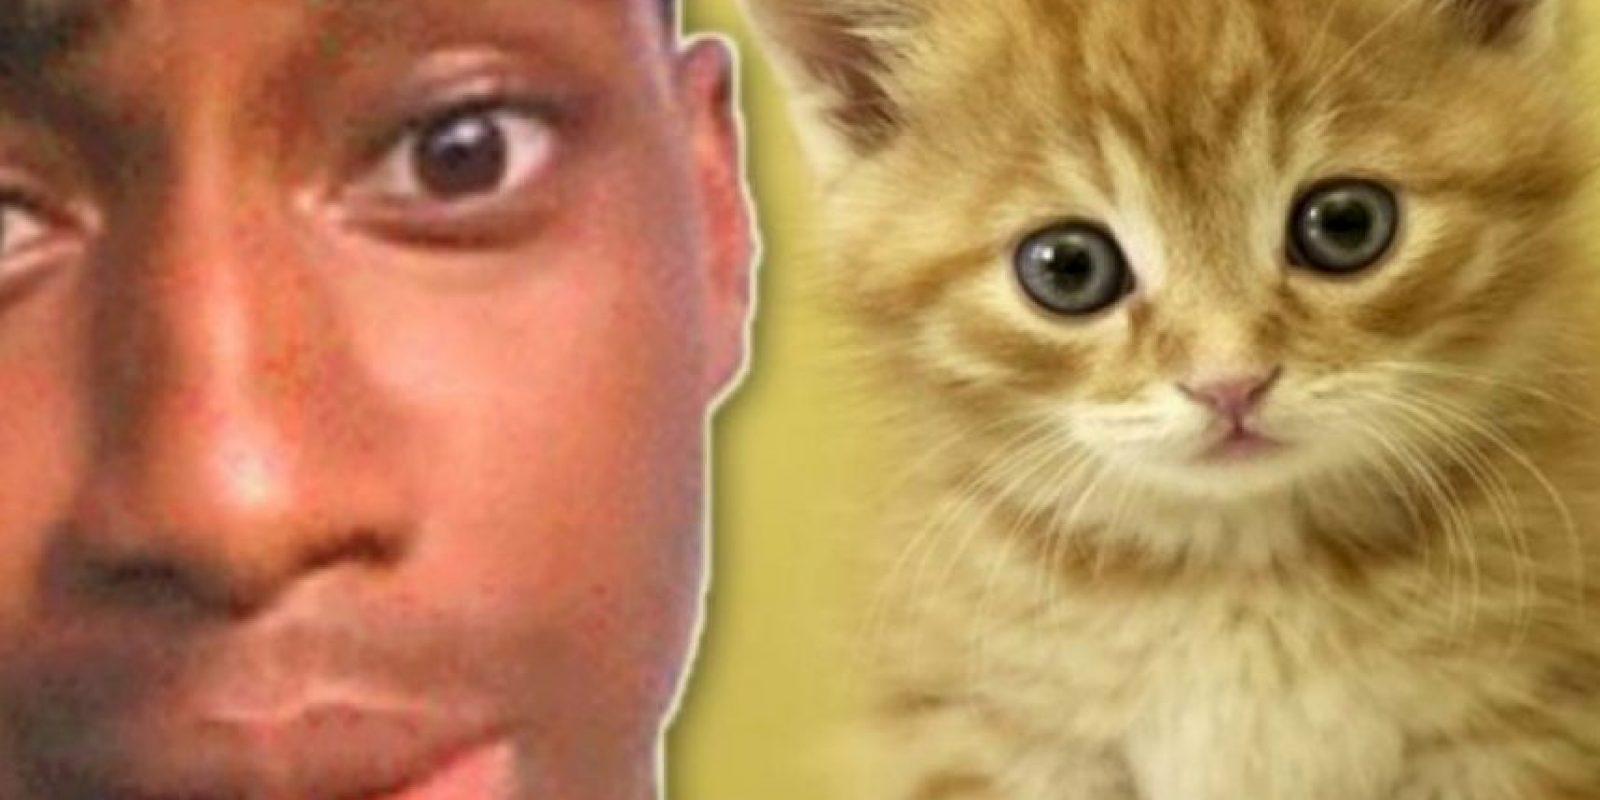 """Pateó a su pequeño gatito: Walter Easley se ganó el odio de Internet cuando tuvo la """"brillante idea"""" de grabarse a sí mismo pateando a su gatito. Inicialmente se burló de los comentarios de odio en Twitter diciendo: """"lol, ahora tengo algo con lo qué reírme todo el día"""". Pero el video se volvió viral y a él lo arrestaron. Tuvo que pasar 60 días en prisión. El gatito no sufrió ningún daño, pero a su dueño le quitaron la custodia. Foto:Oddee"""